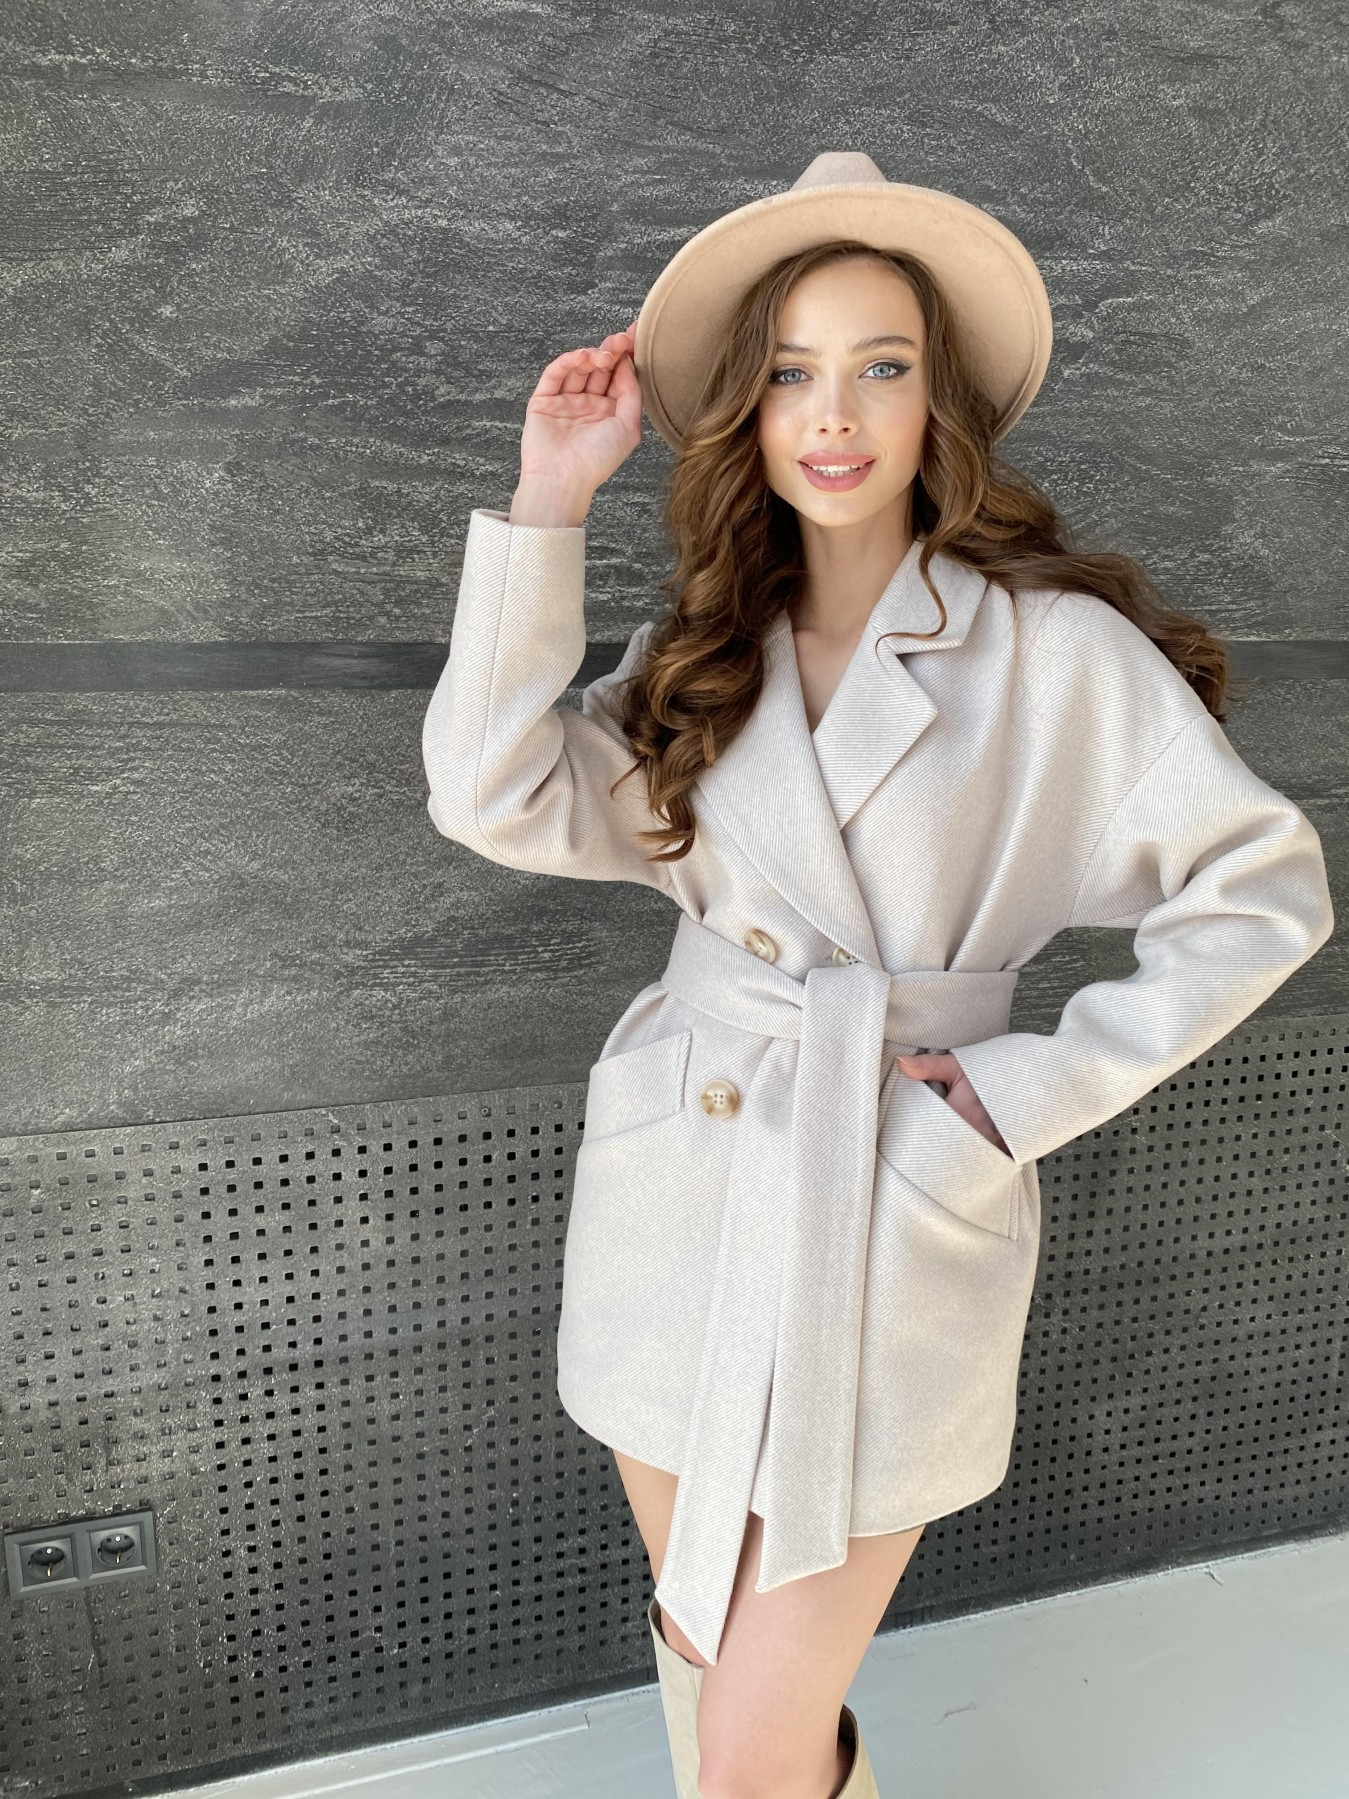 Бонд Диагональ пальто из пальтовой ткани  10757 АРТ. 47189 Цвет: Бежевый - фото 6, интернет магазин tm-modus.ru